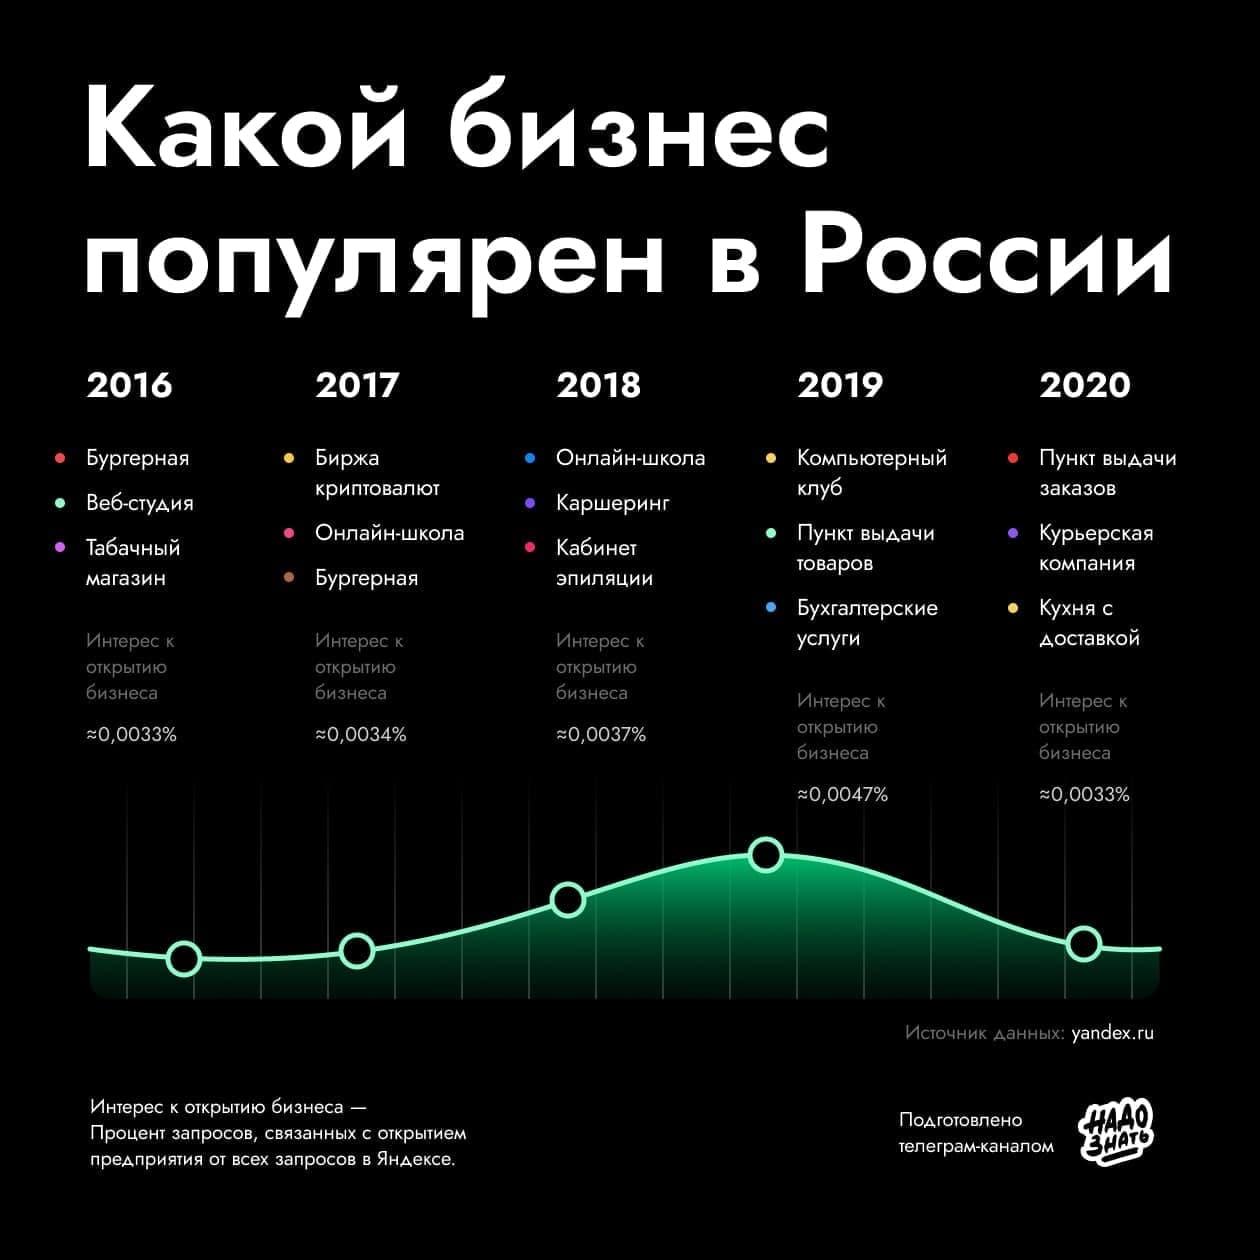 Какой бизнес популярен в России